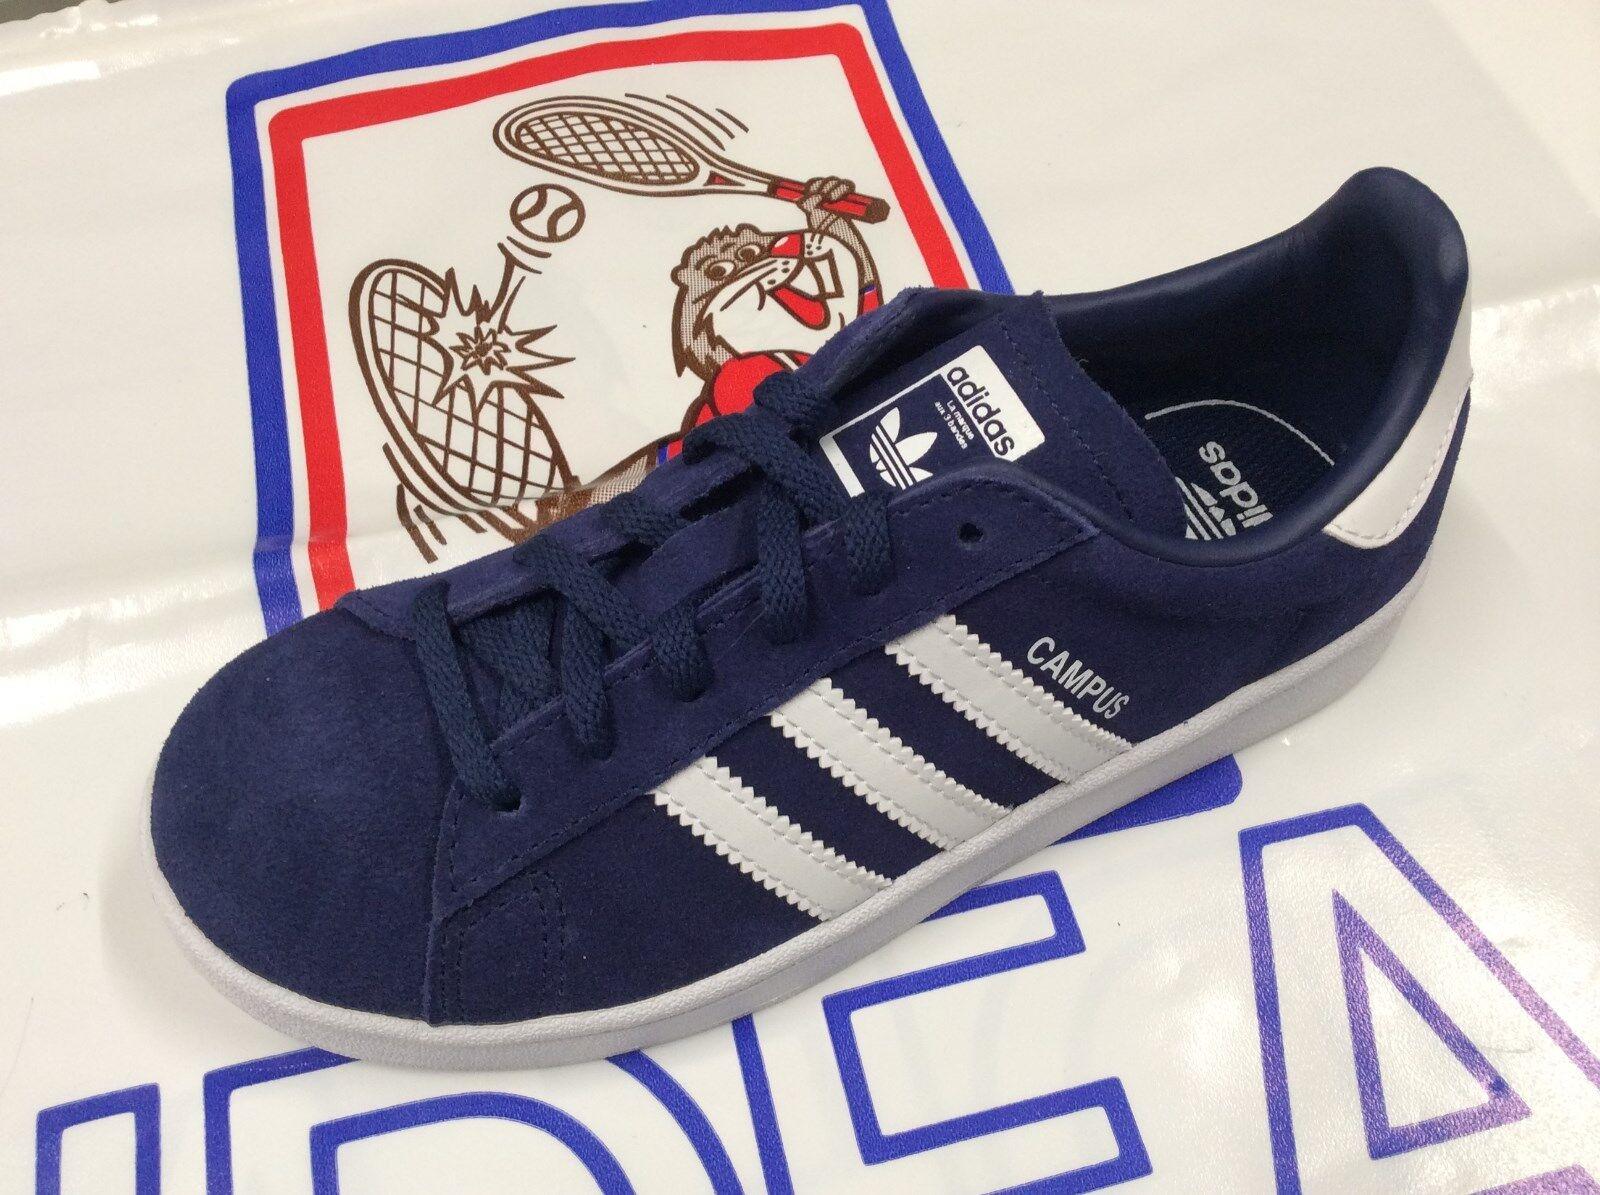 size 40 314c5 e9653 Adidas Originals Campus Blu scuro Pelle scamosciata Gioventù Formatori  Scarpe 38.6 EU   Acquisti Online su eBay